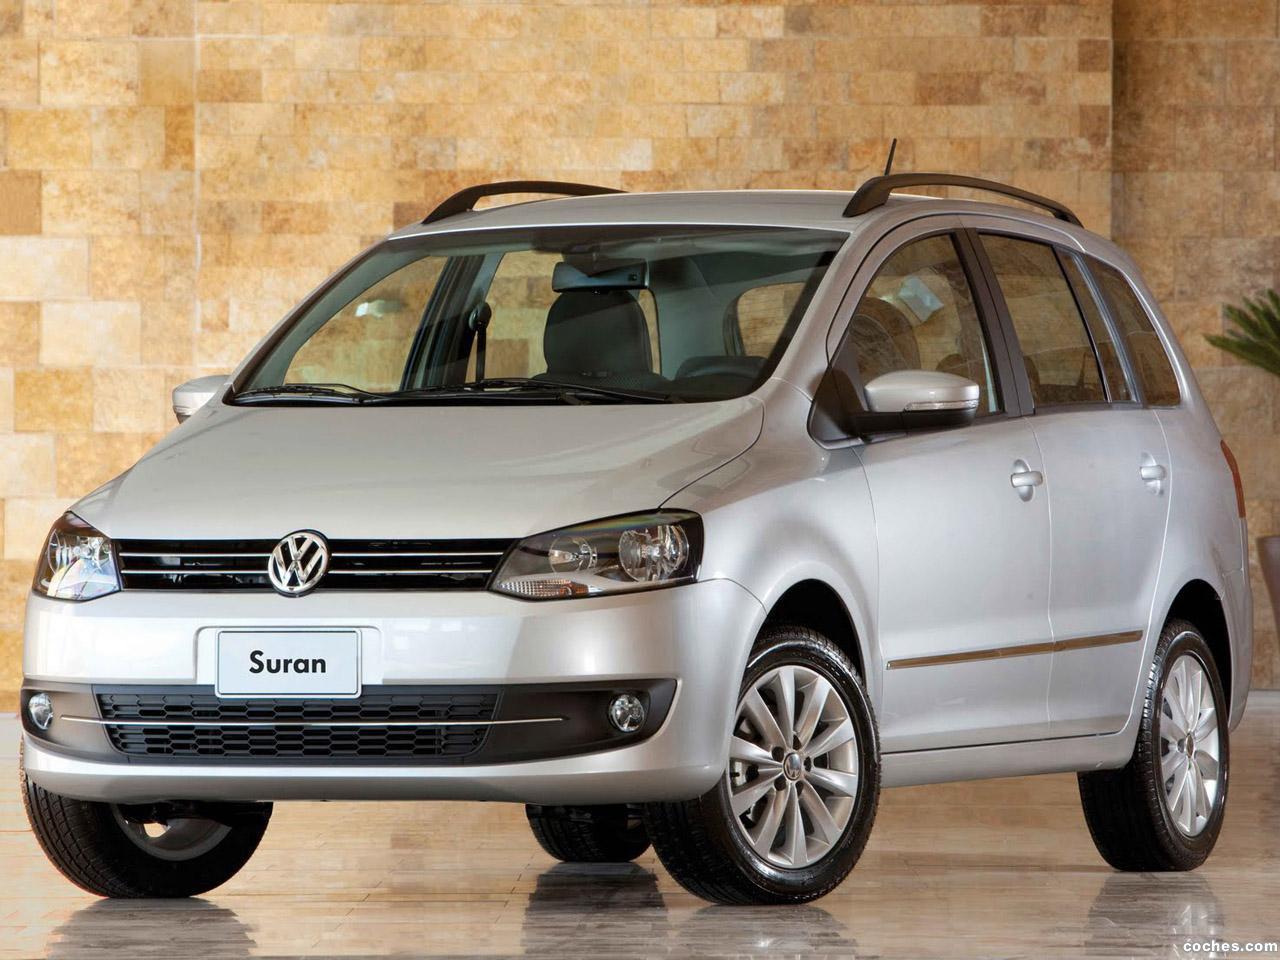 Foto 0 de Volkswagen Suran 2010